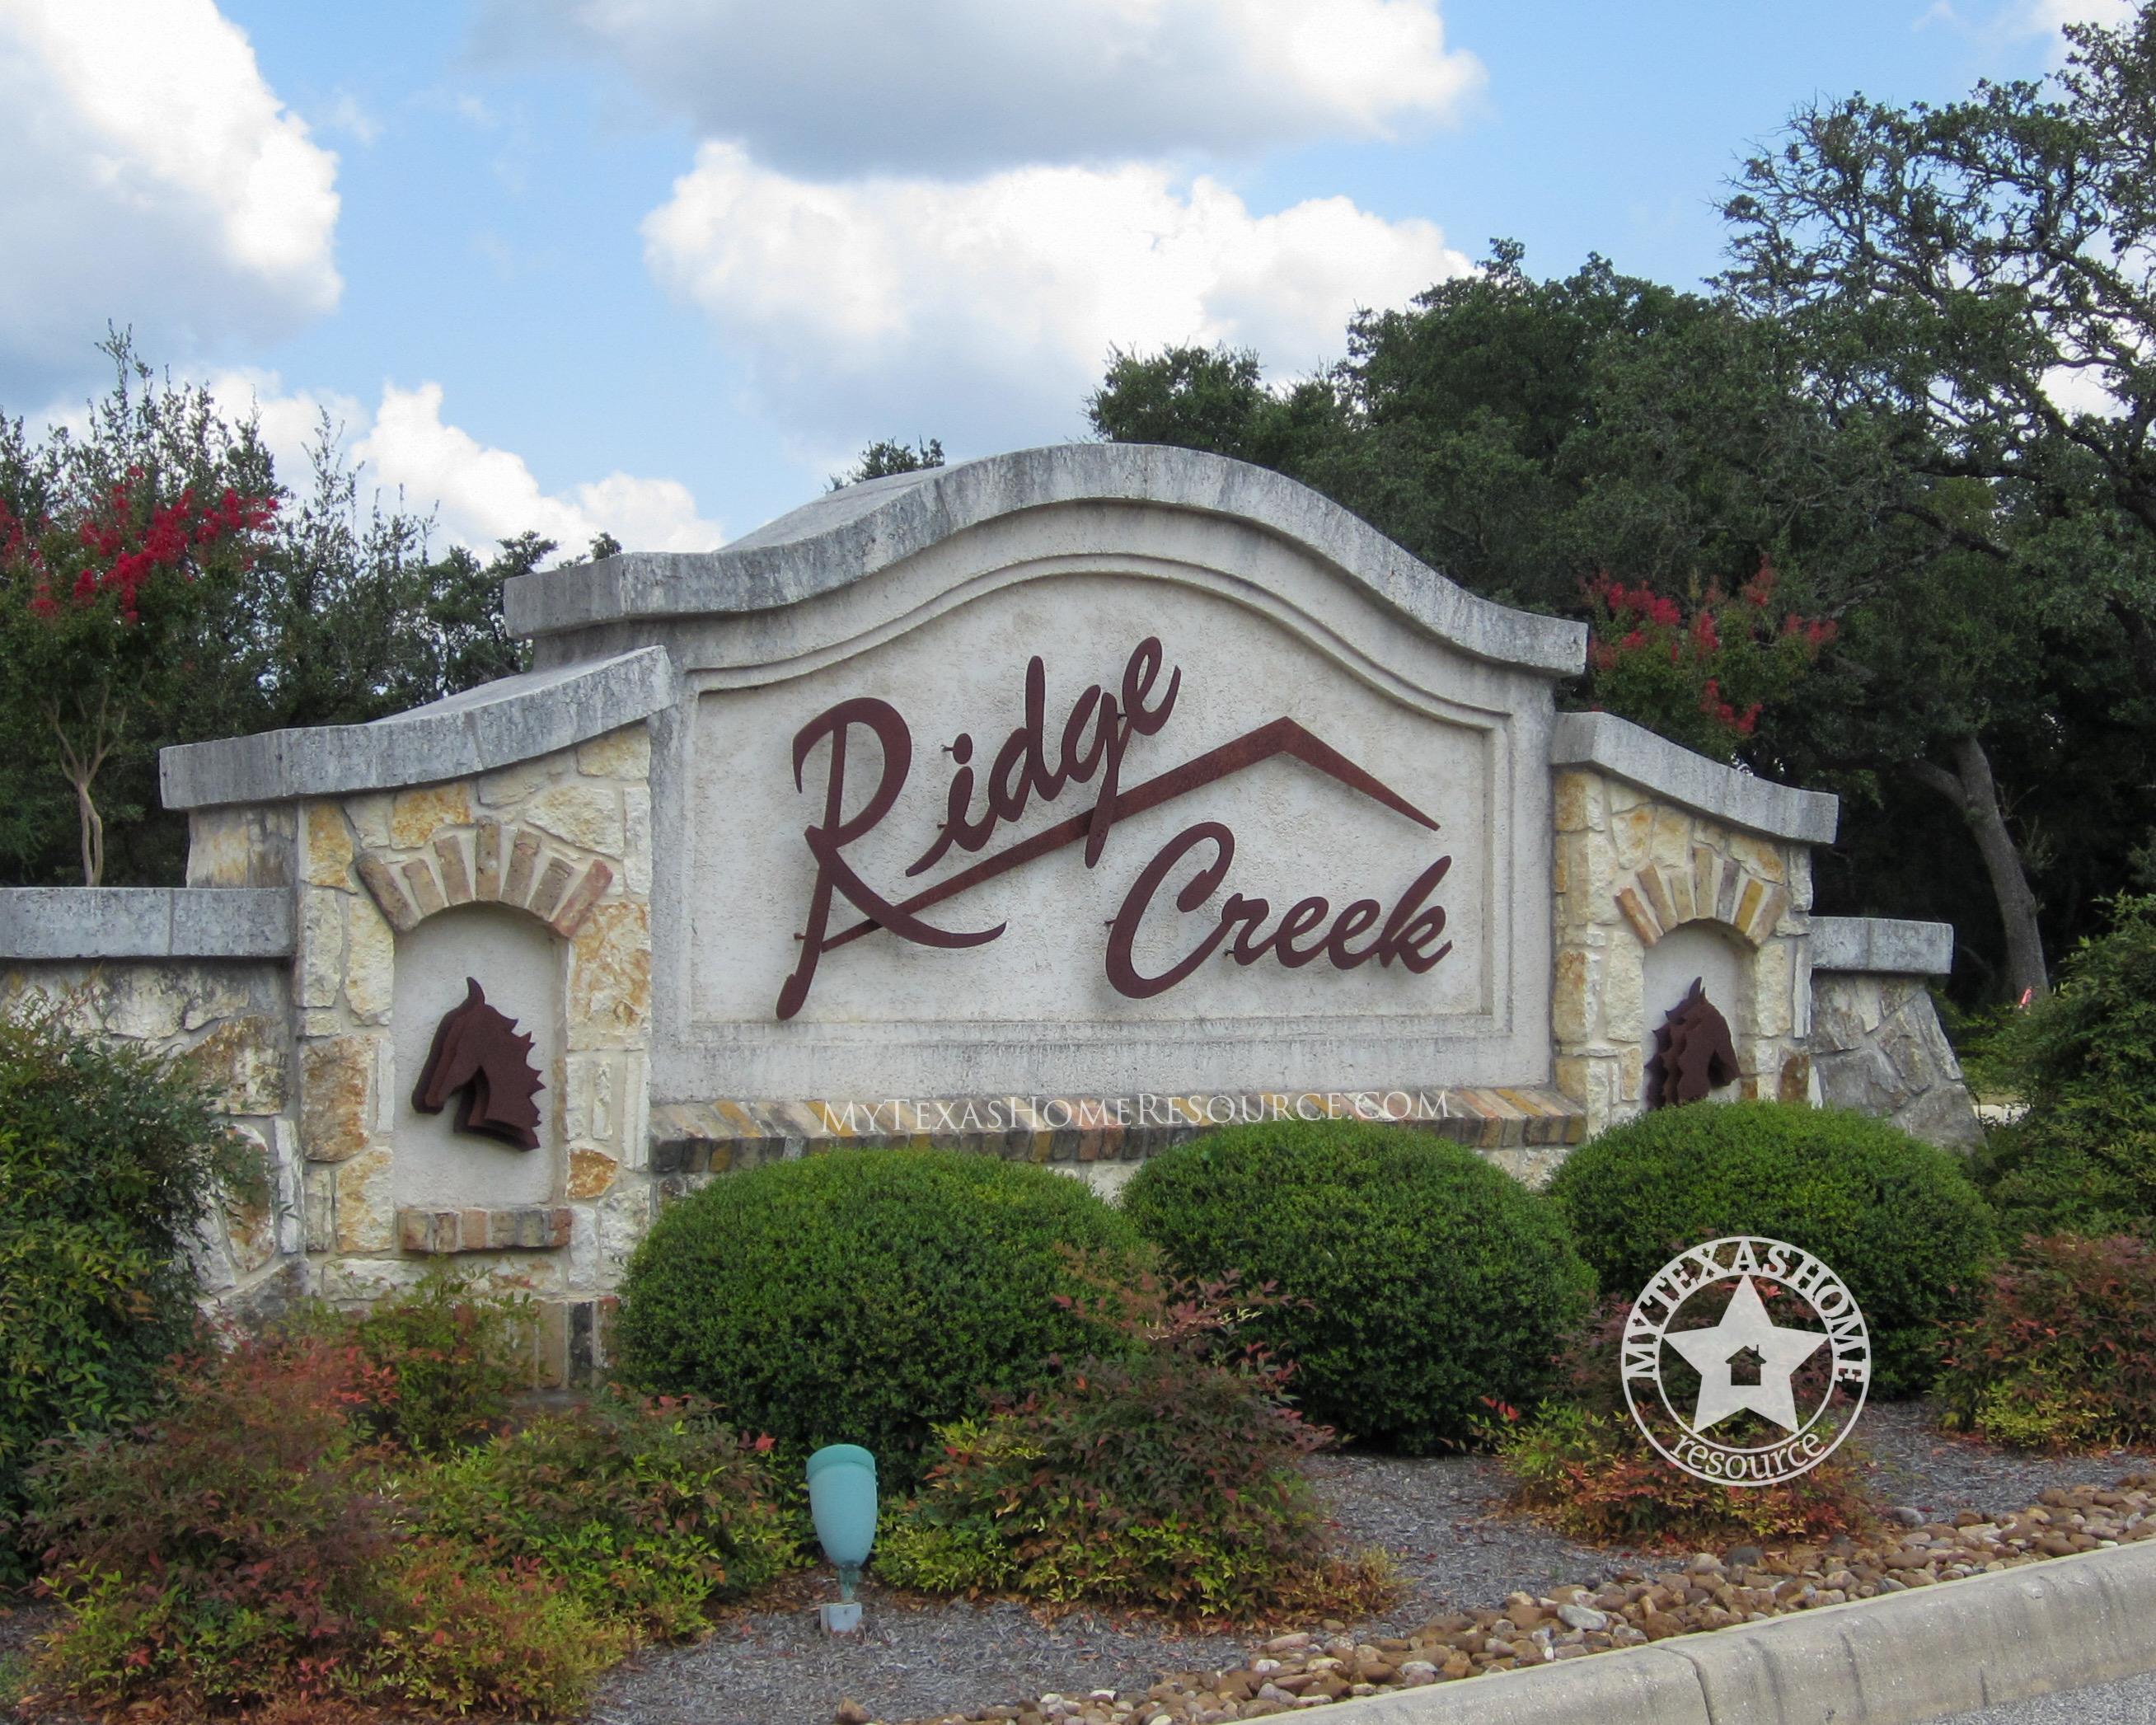 Ridge Creek Community San Antonio, TX